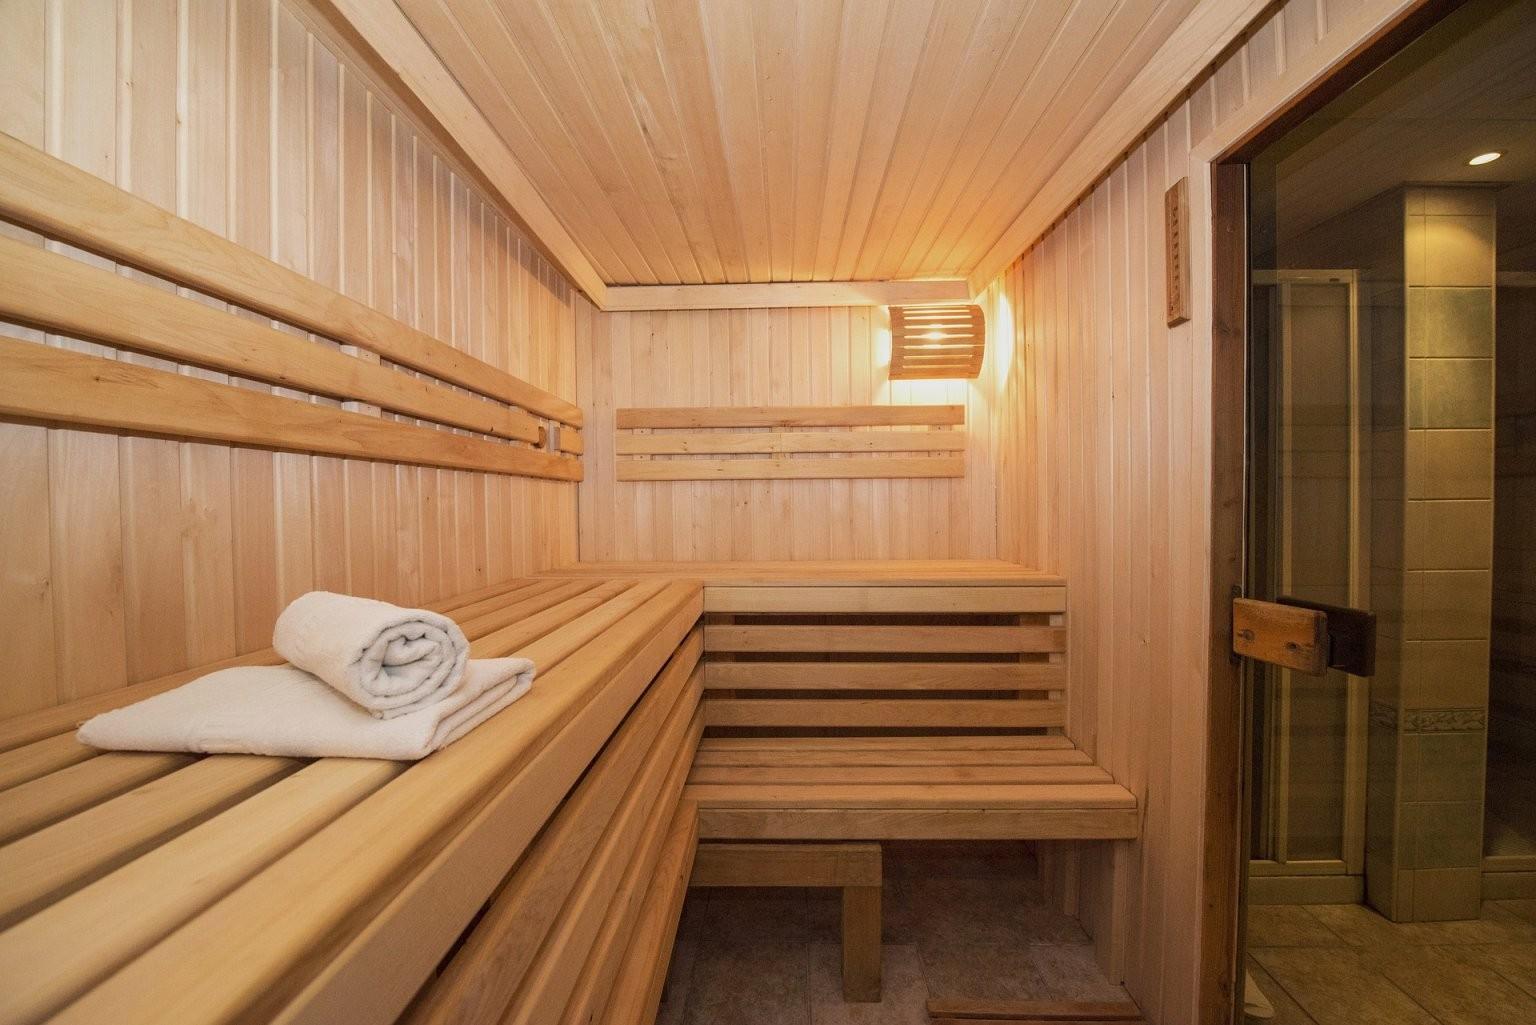 Sauna Im Keller Entspannung In Den Eigenen Vier Wänden von Sauna Im Keller Einbauen Bild